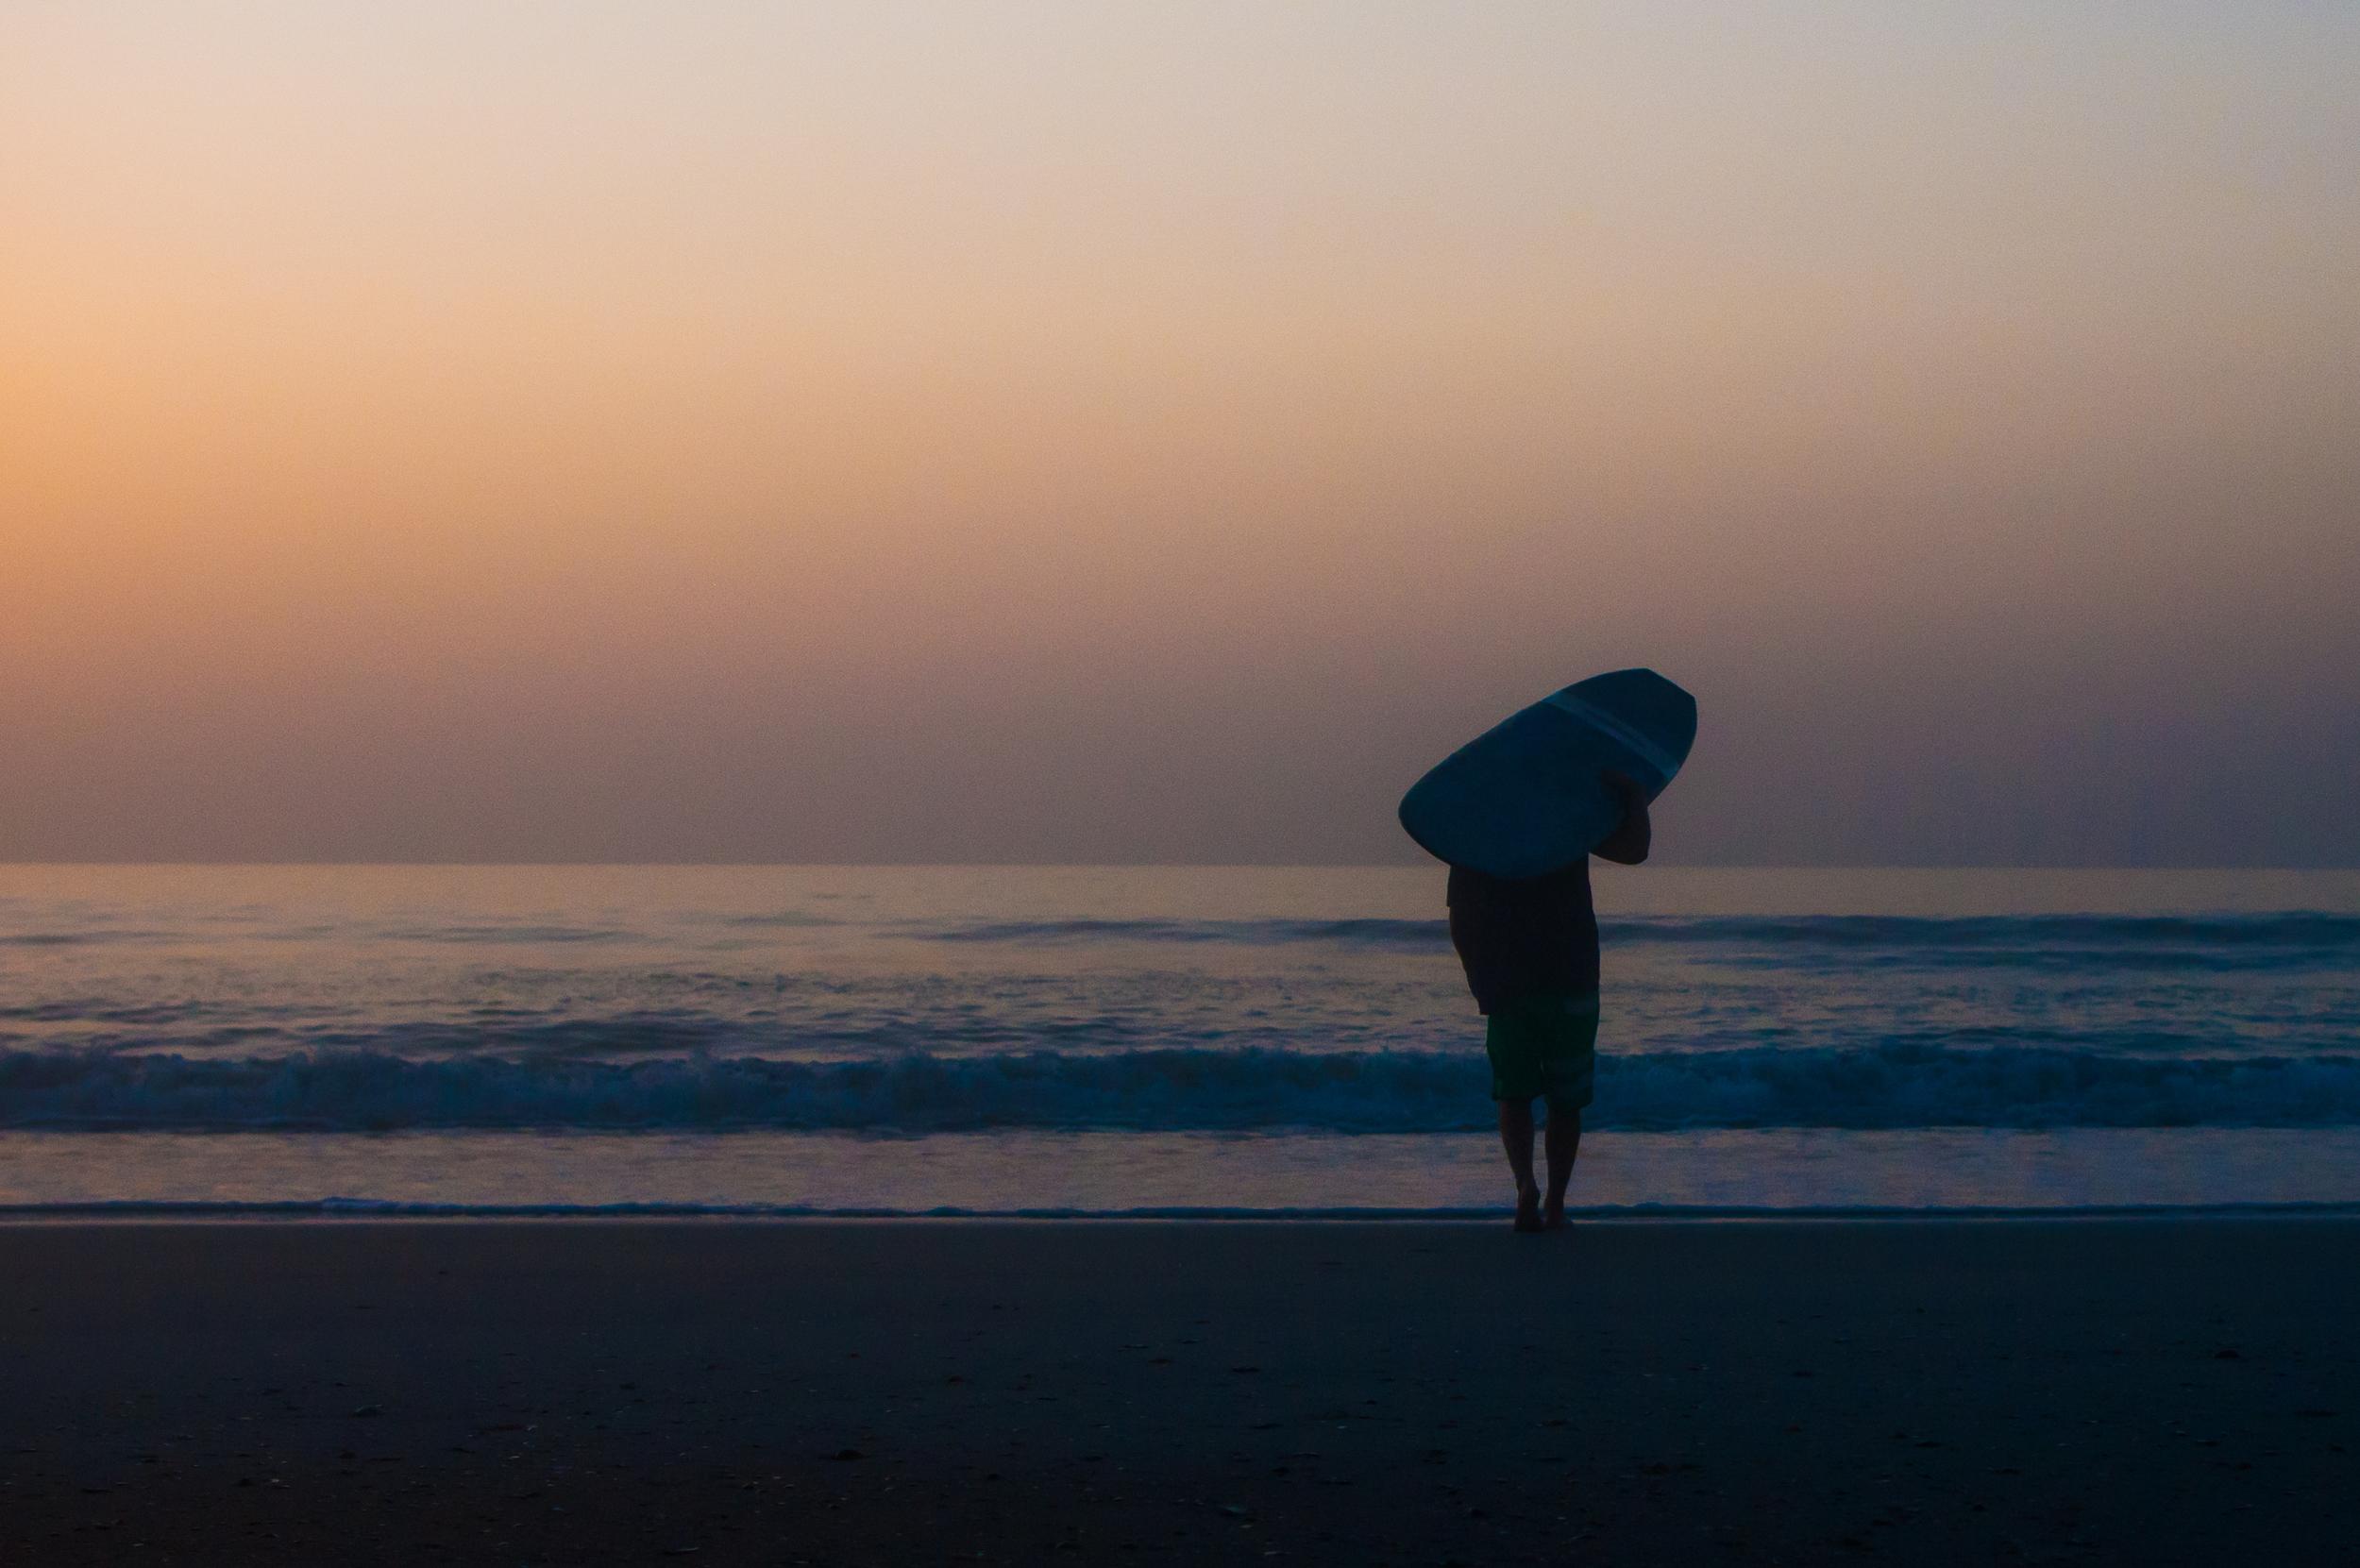 Walking down beach | 6:20am